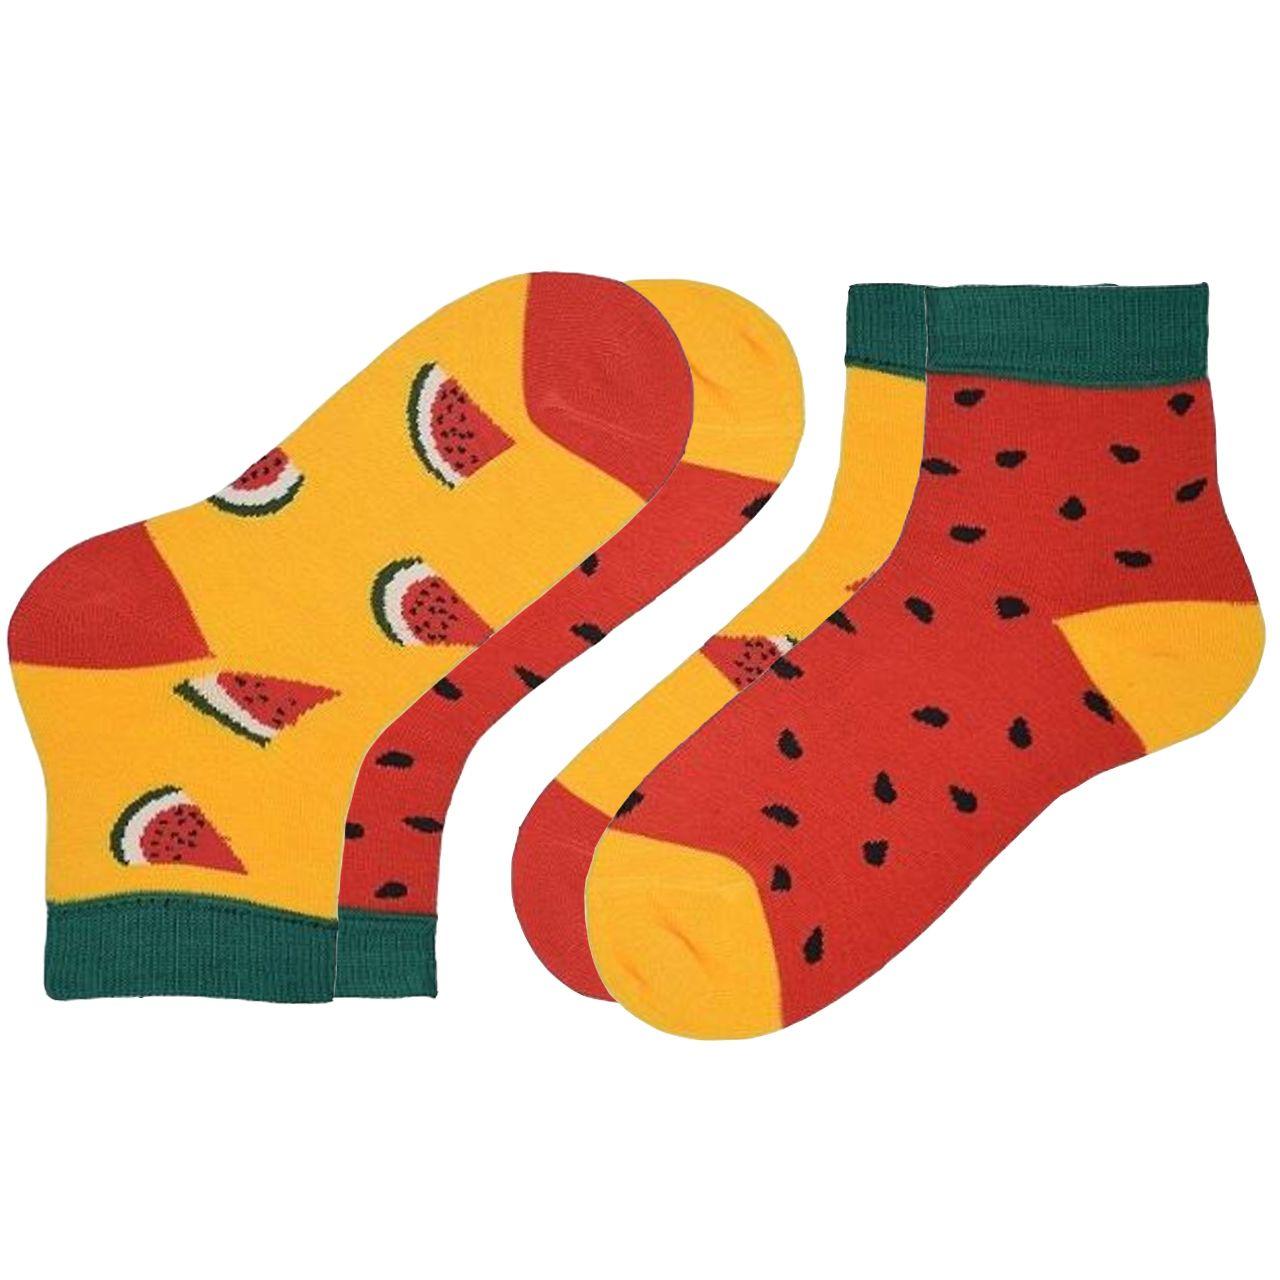 جوراب دخترانه طرح هندوانه بسته 2 عددی -  - 2